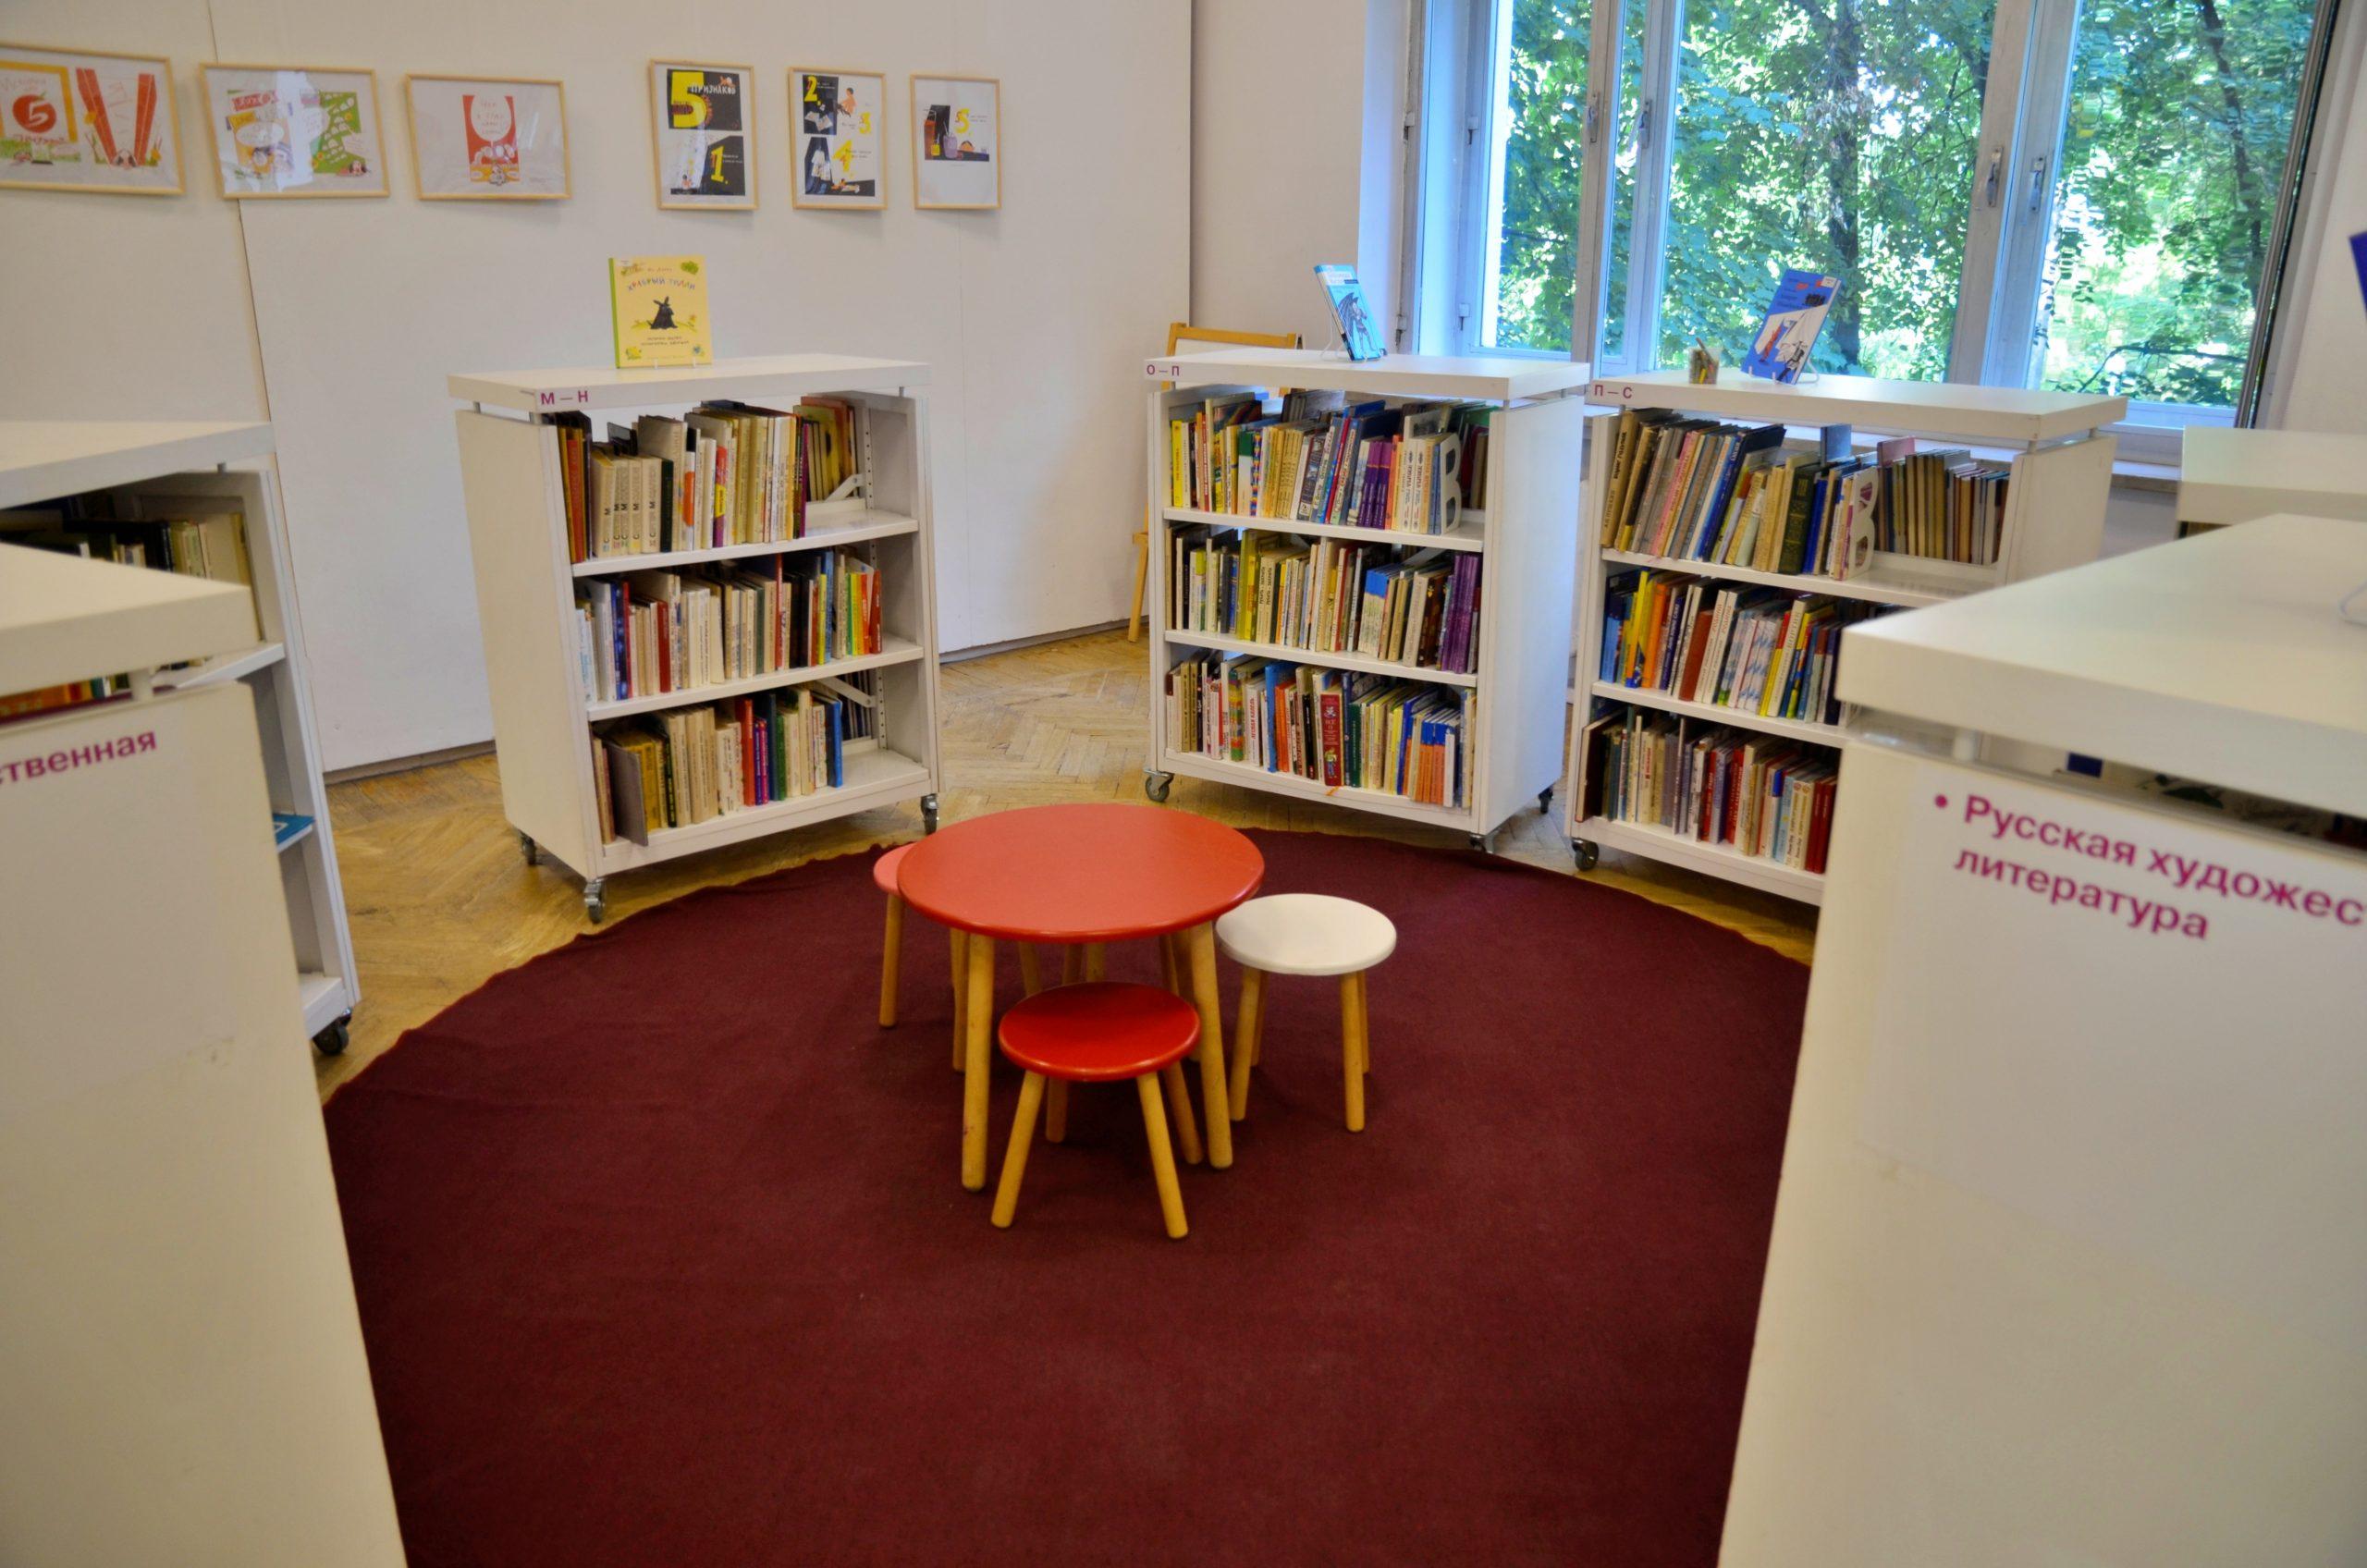 Подготовку к громким чтениям начали в библиотеке №262 поселка Марьино